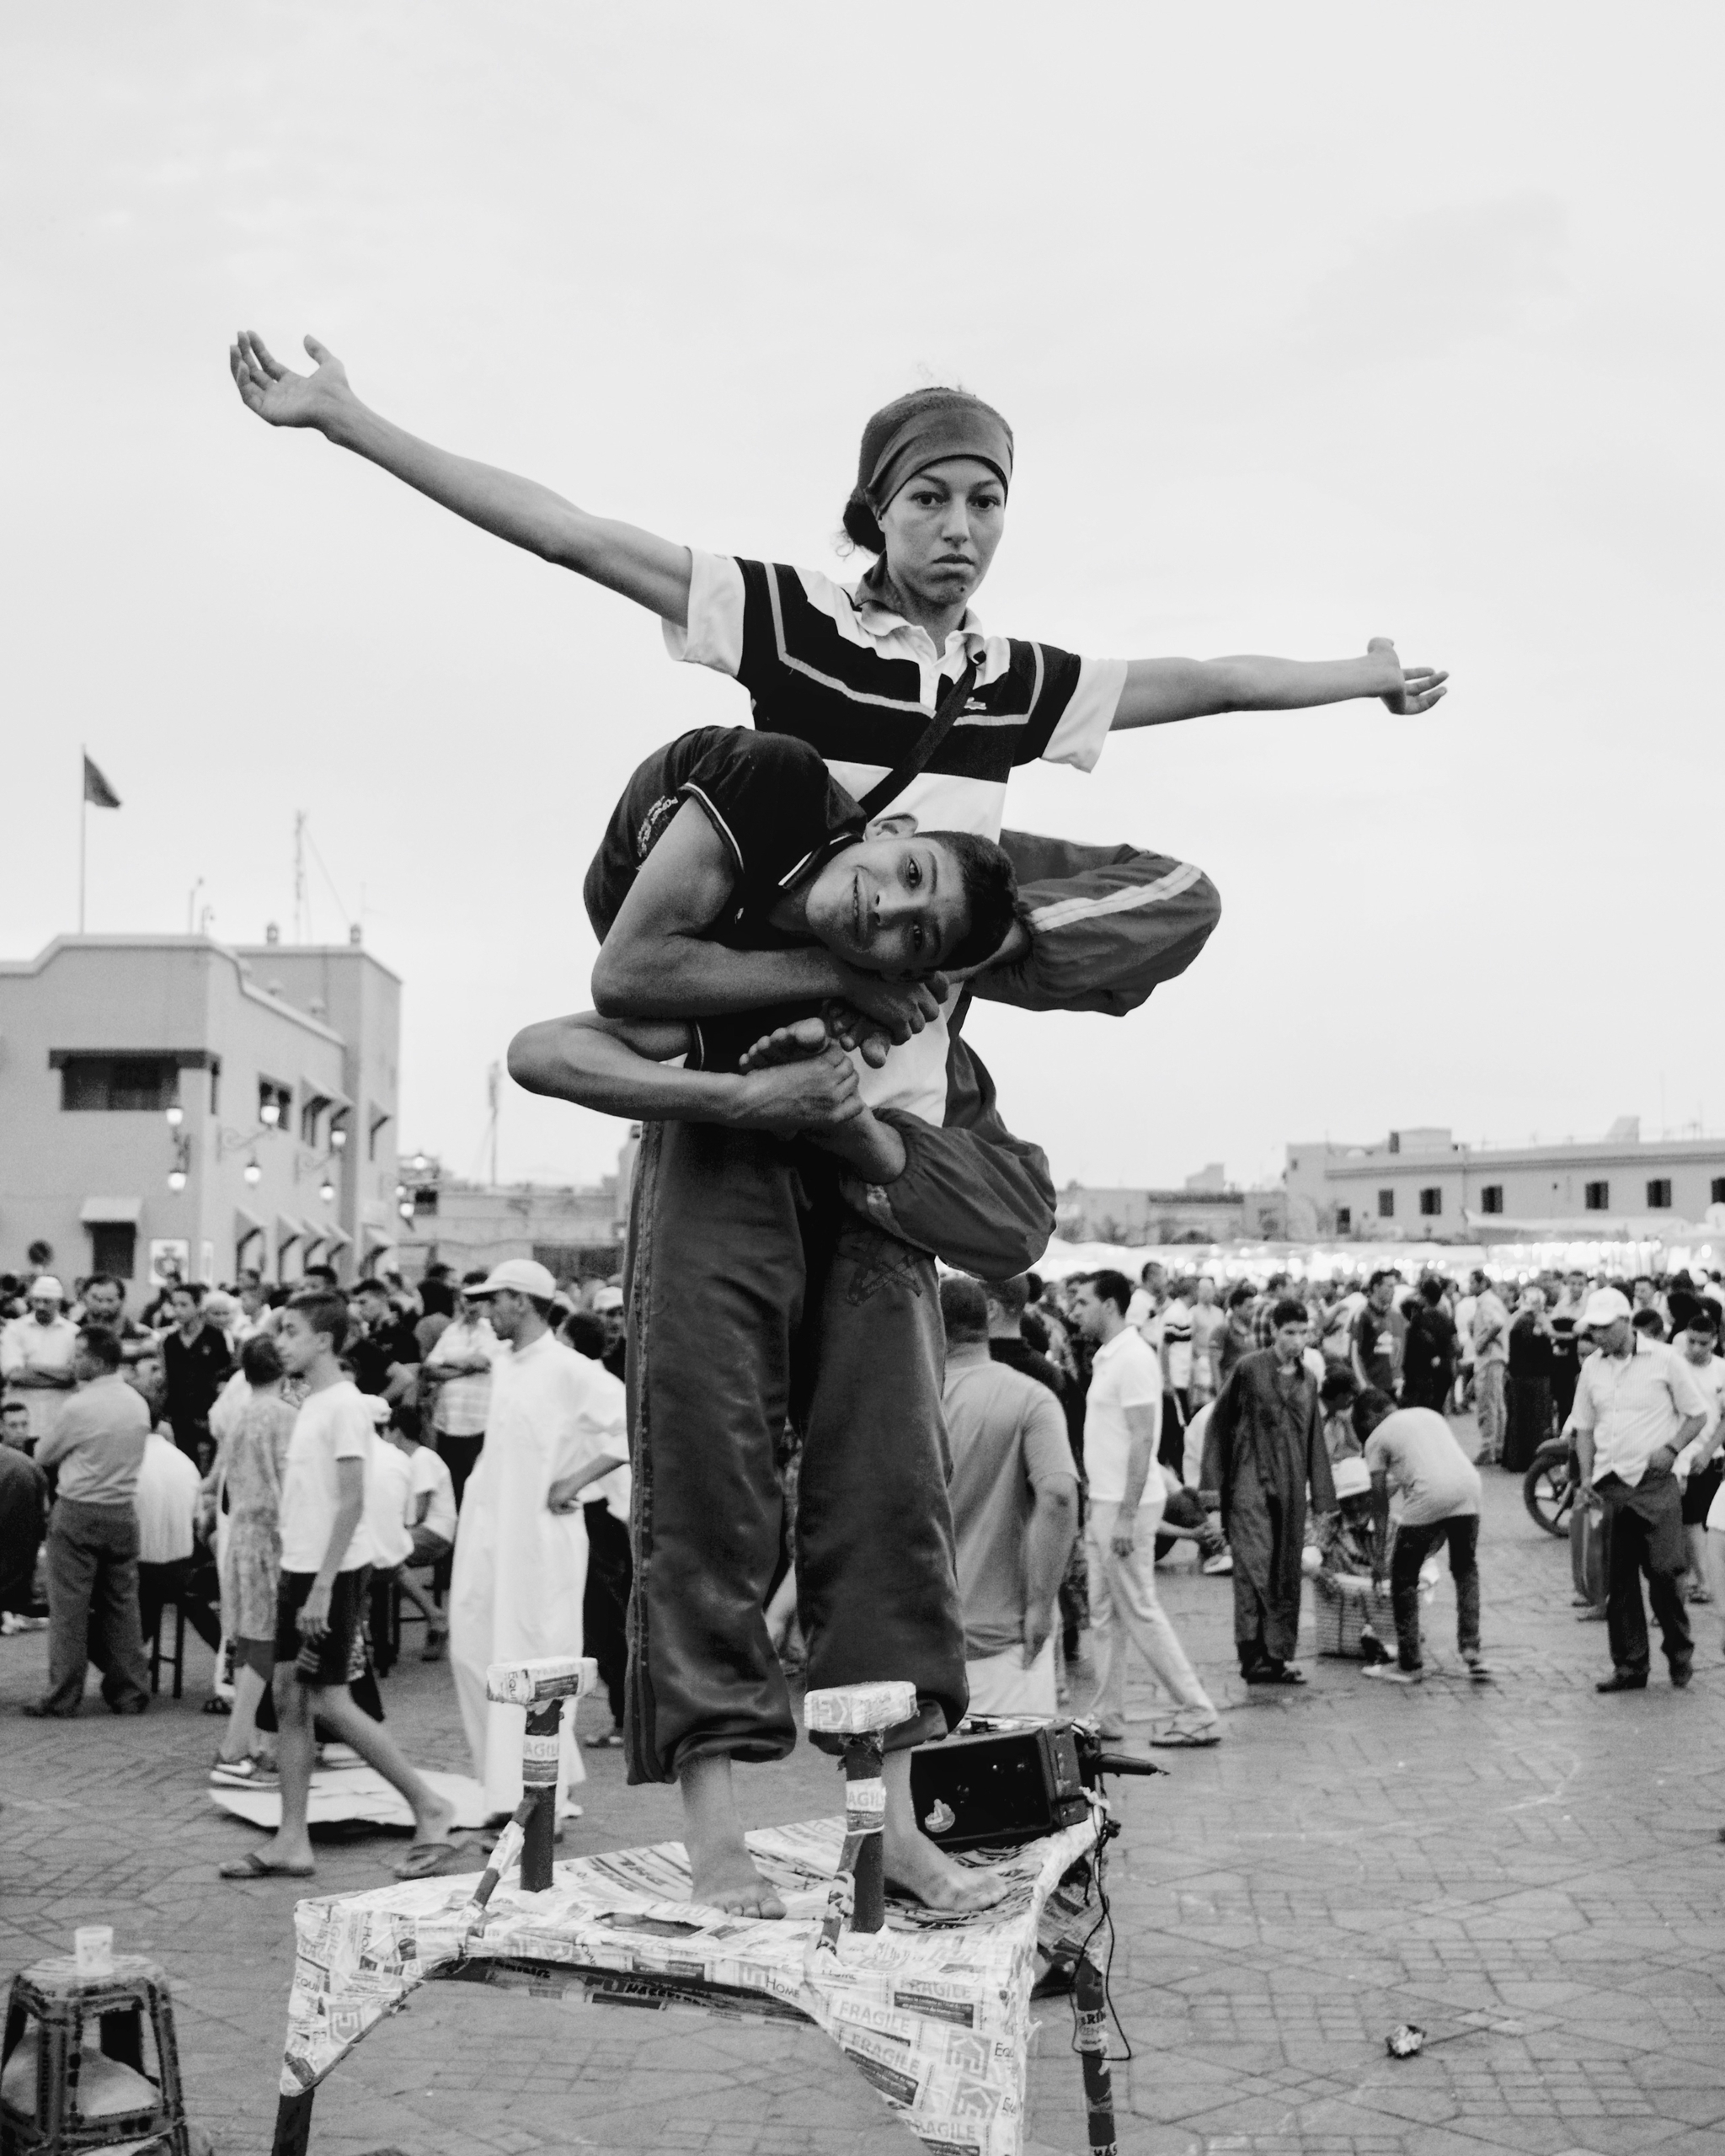 Youth Merrakech, Morocco 2016.  - dainahodgson | ello